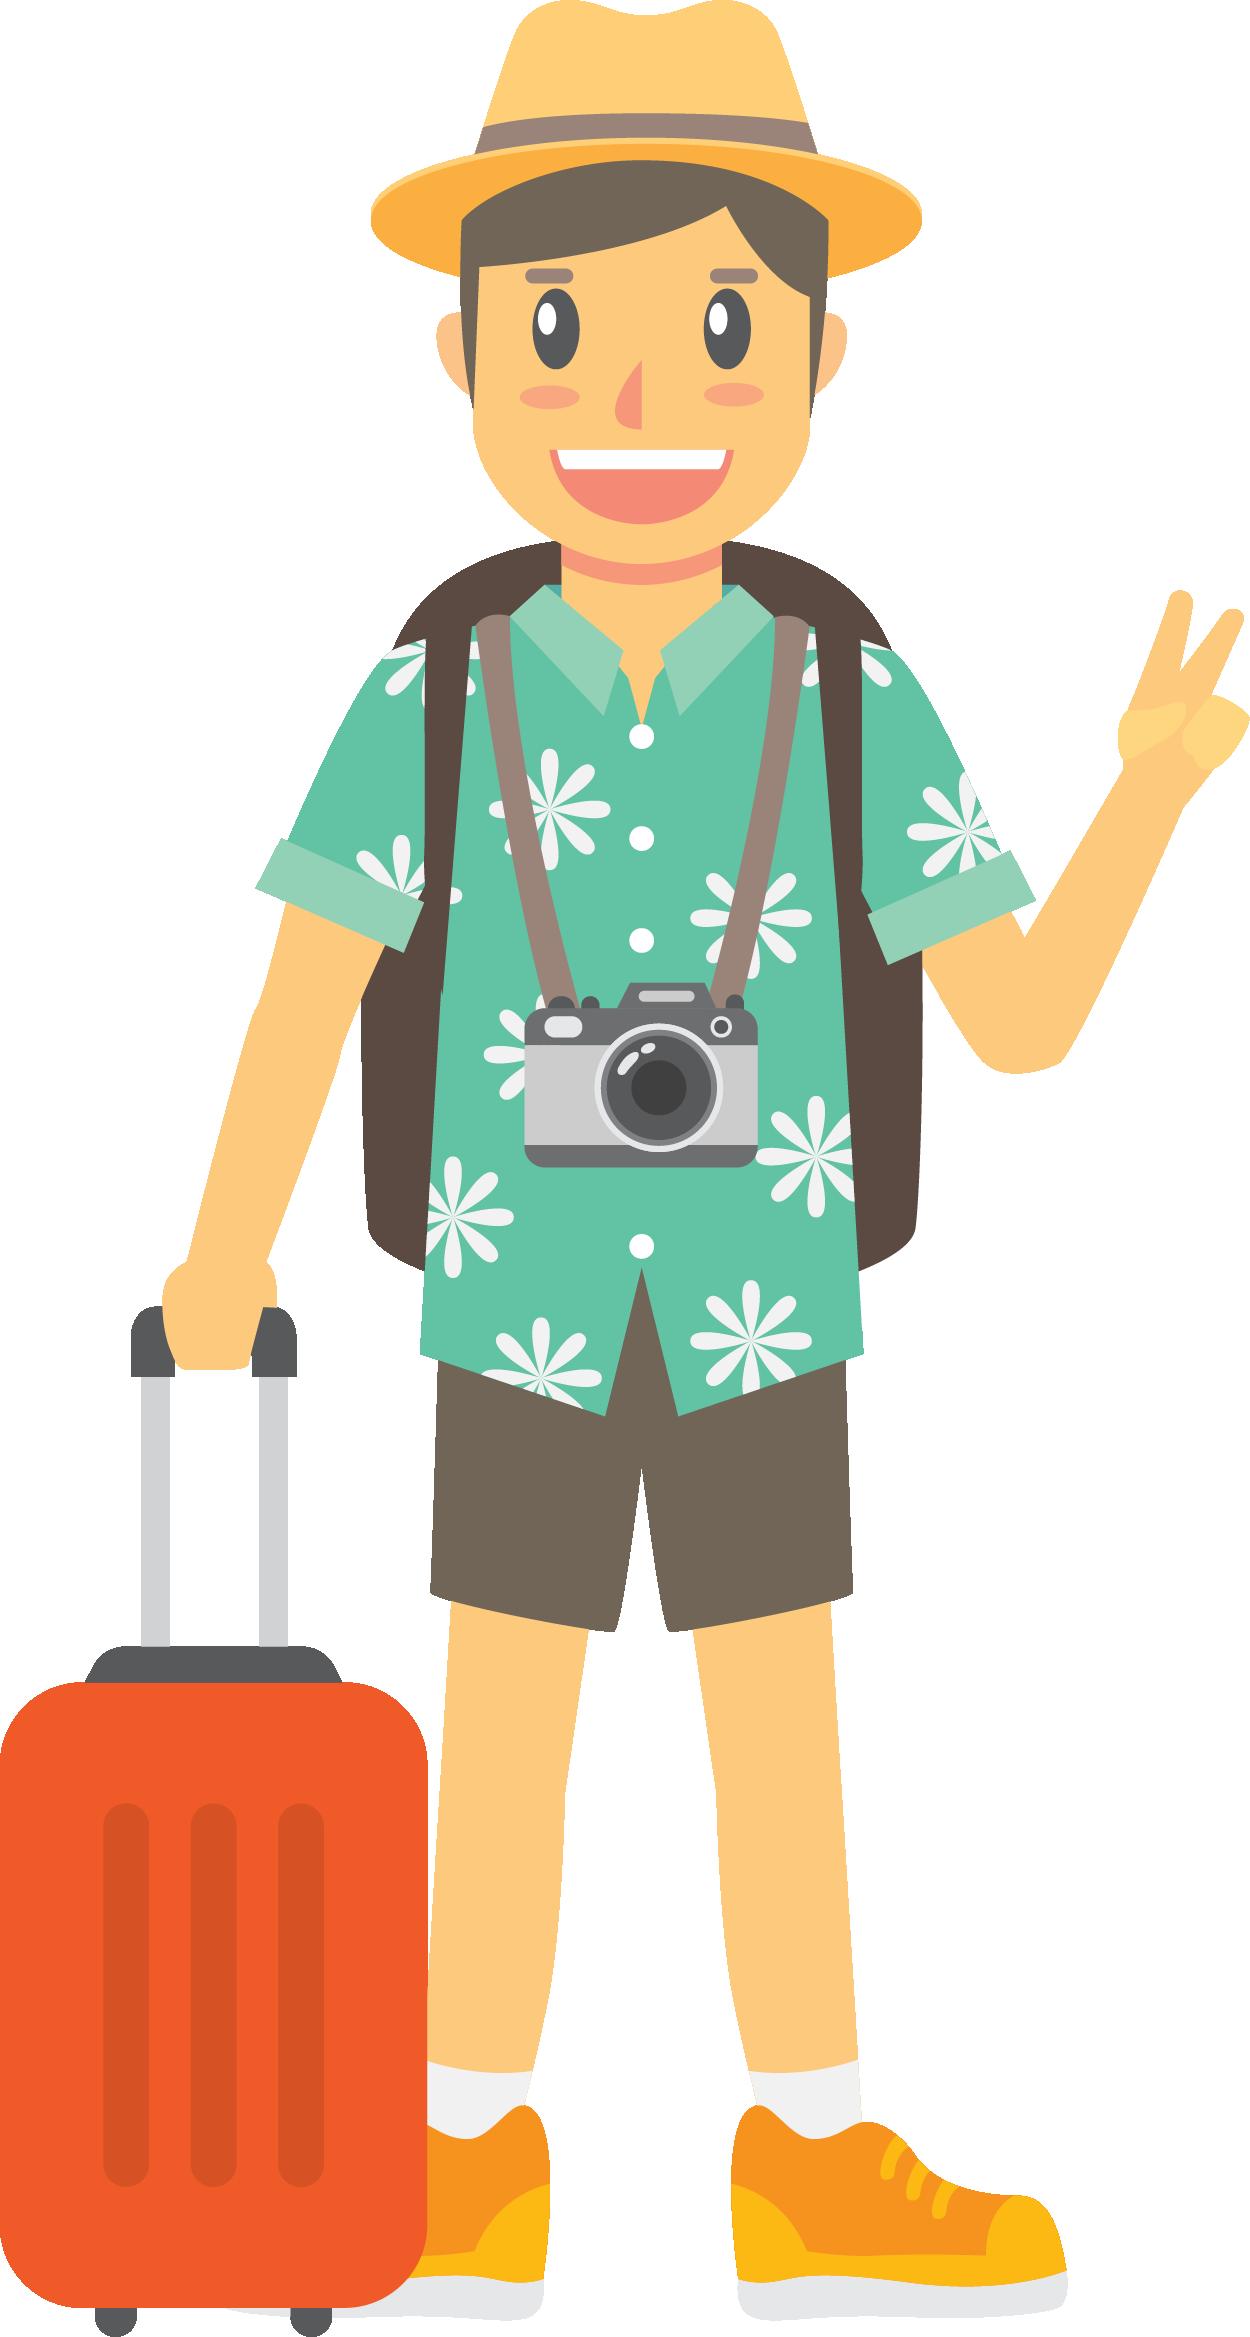 составляющей картинки вектор туризм повезло, блогеры